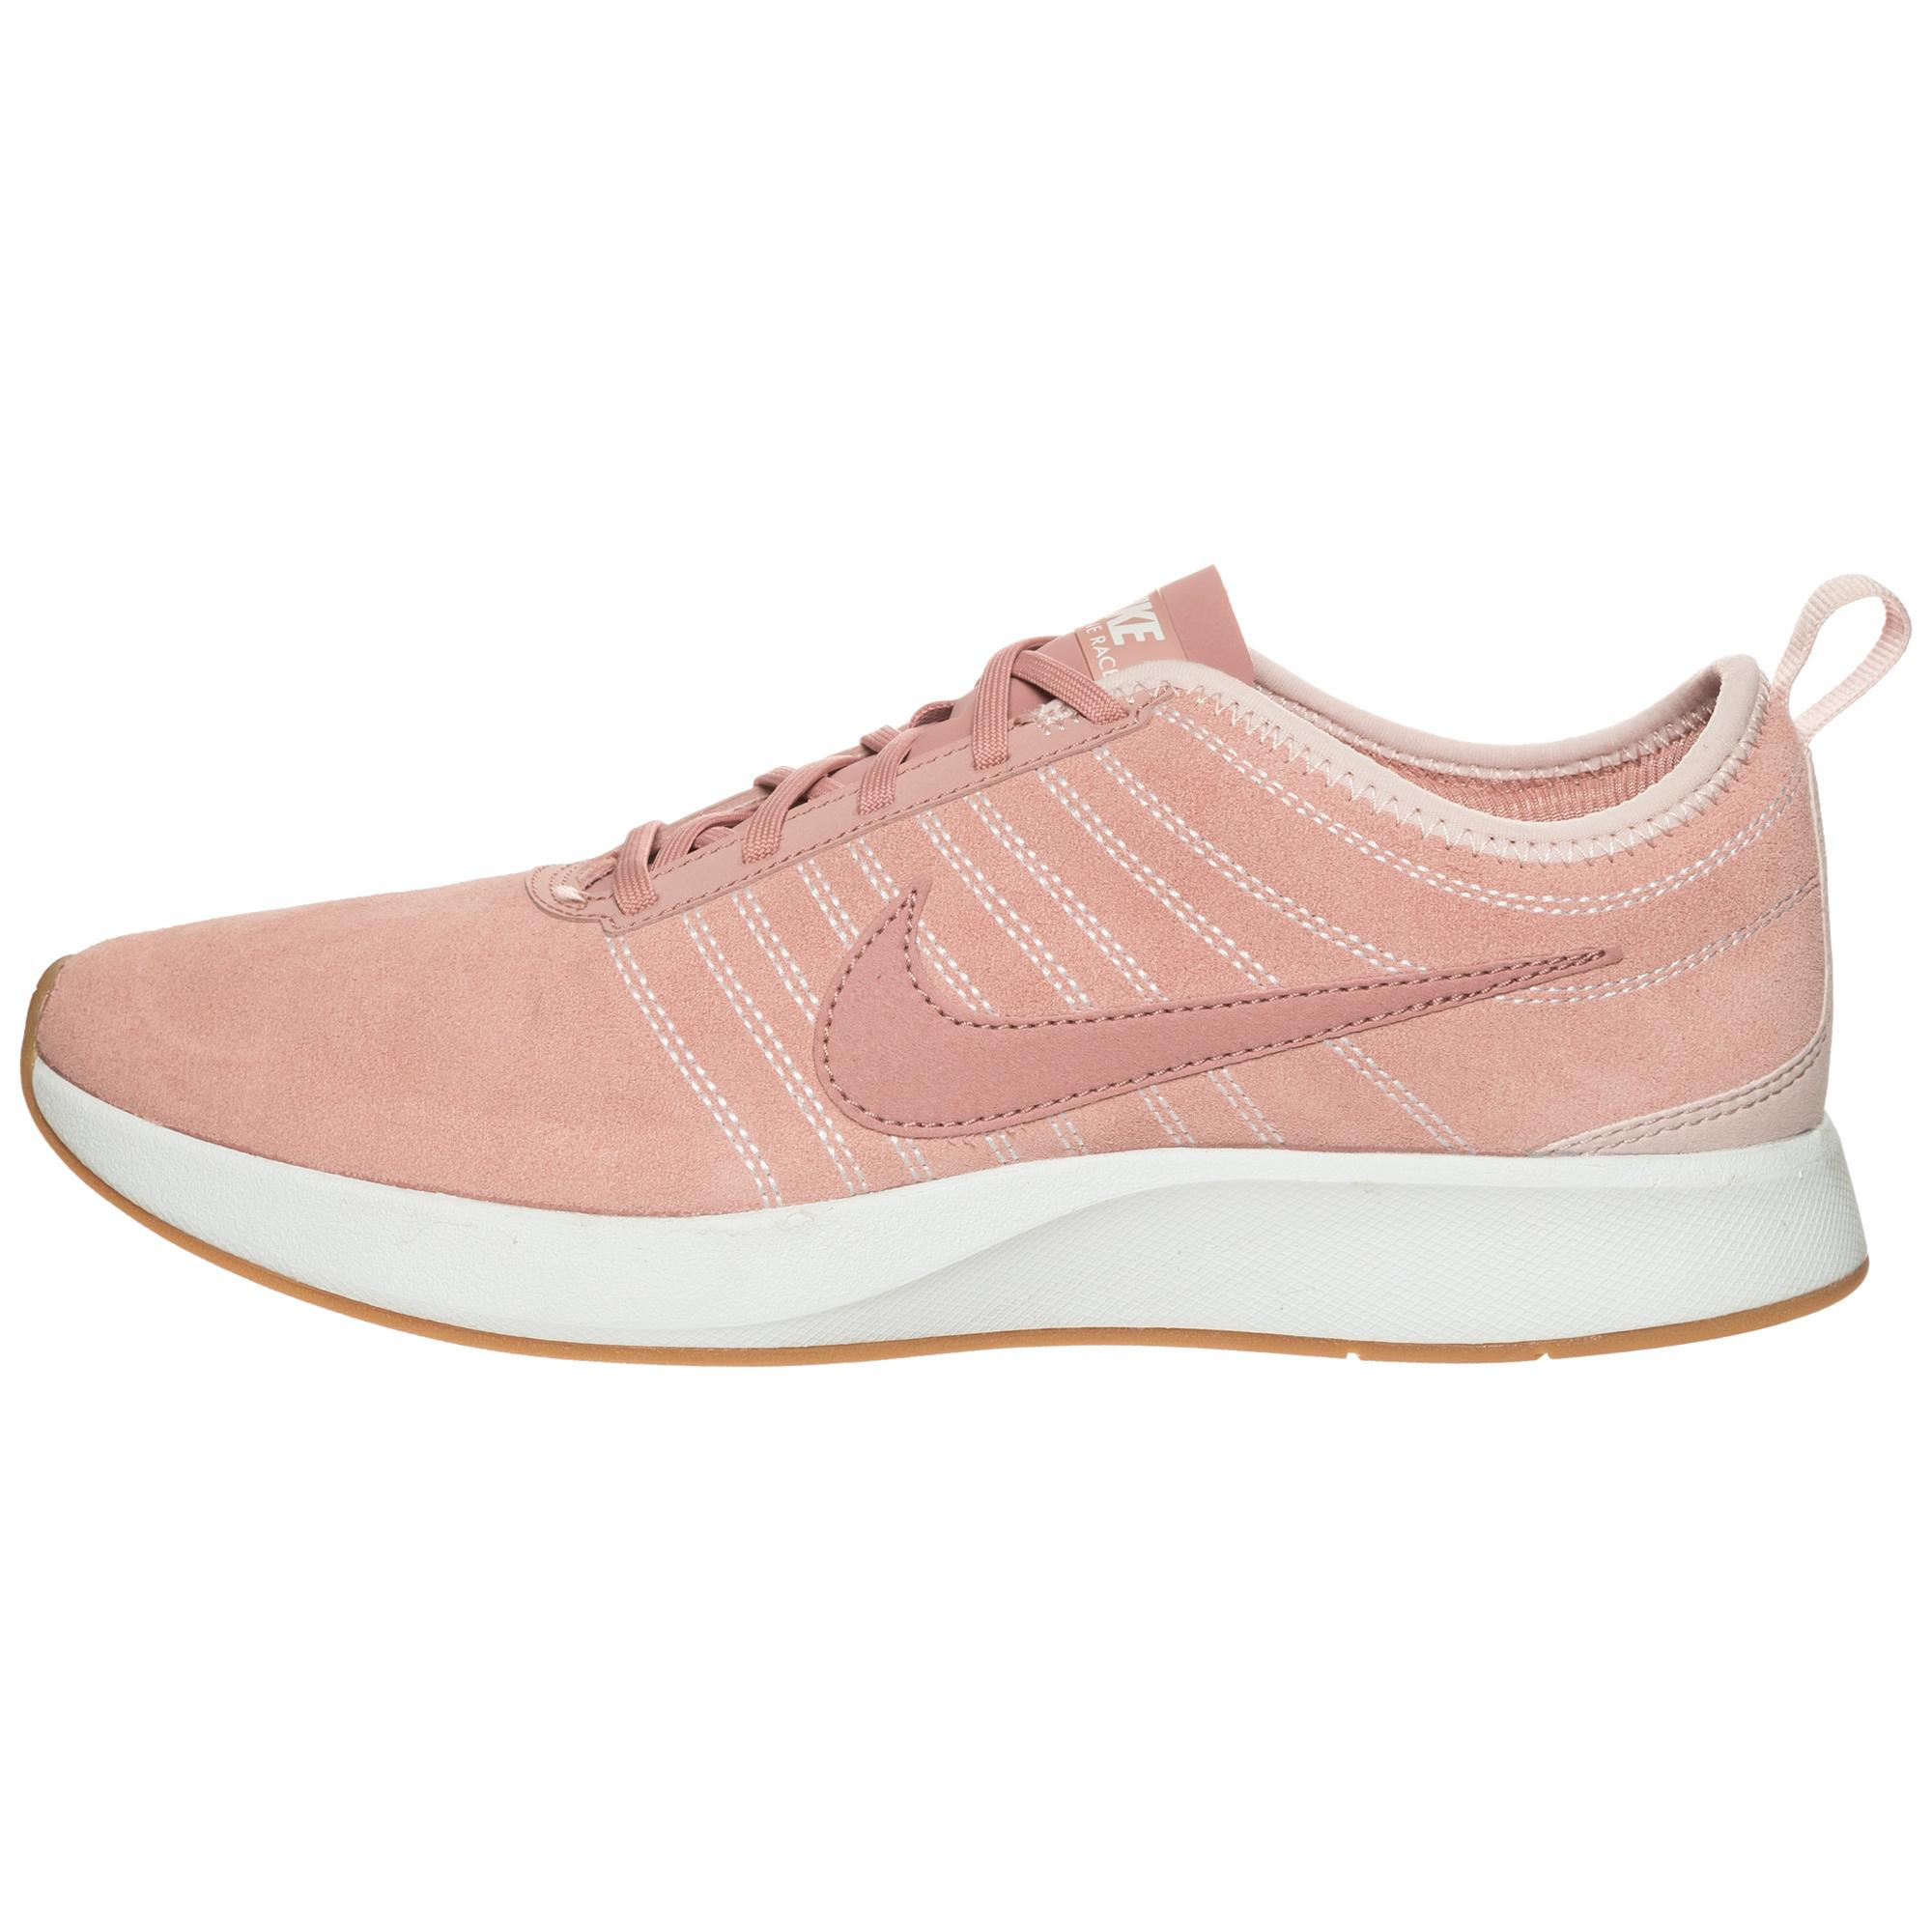 Nike Dualtone Racer Turnschuhe SE Turnschuhe Racer Damen pink / weiß im Online Shop von SportScheck kaufen Gute Qualität beliebte Schuhe 0105f3